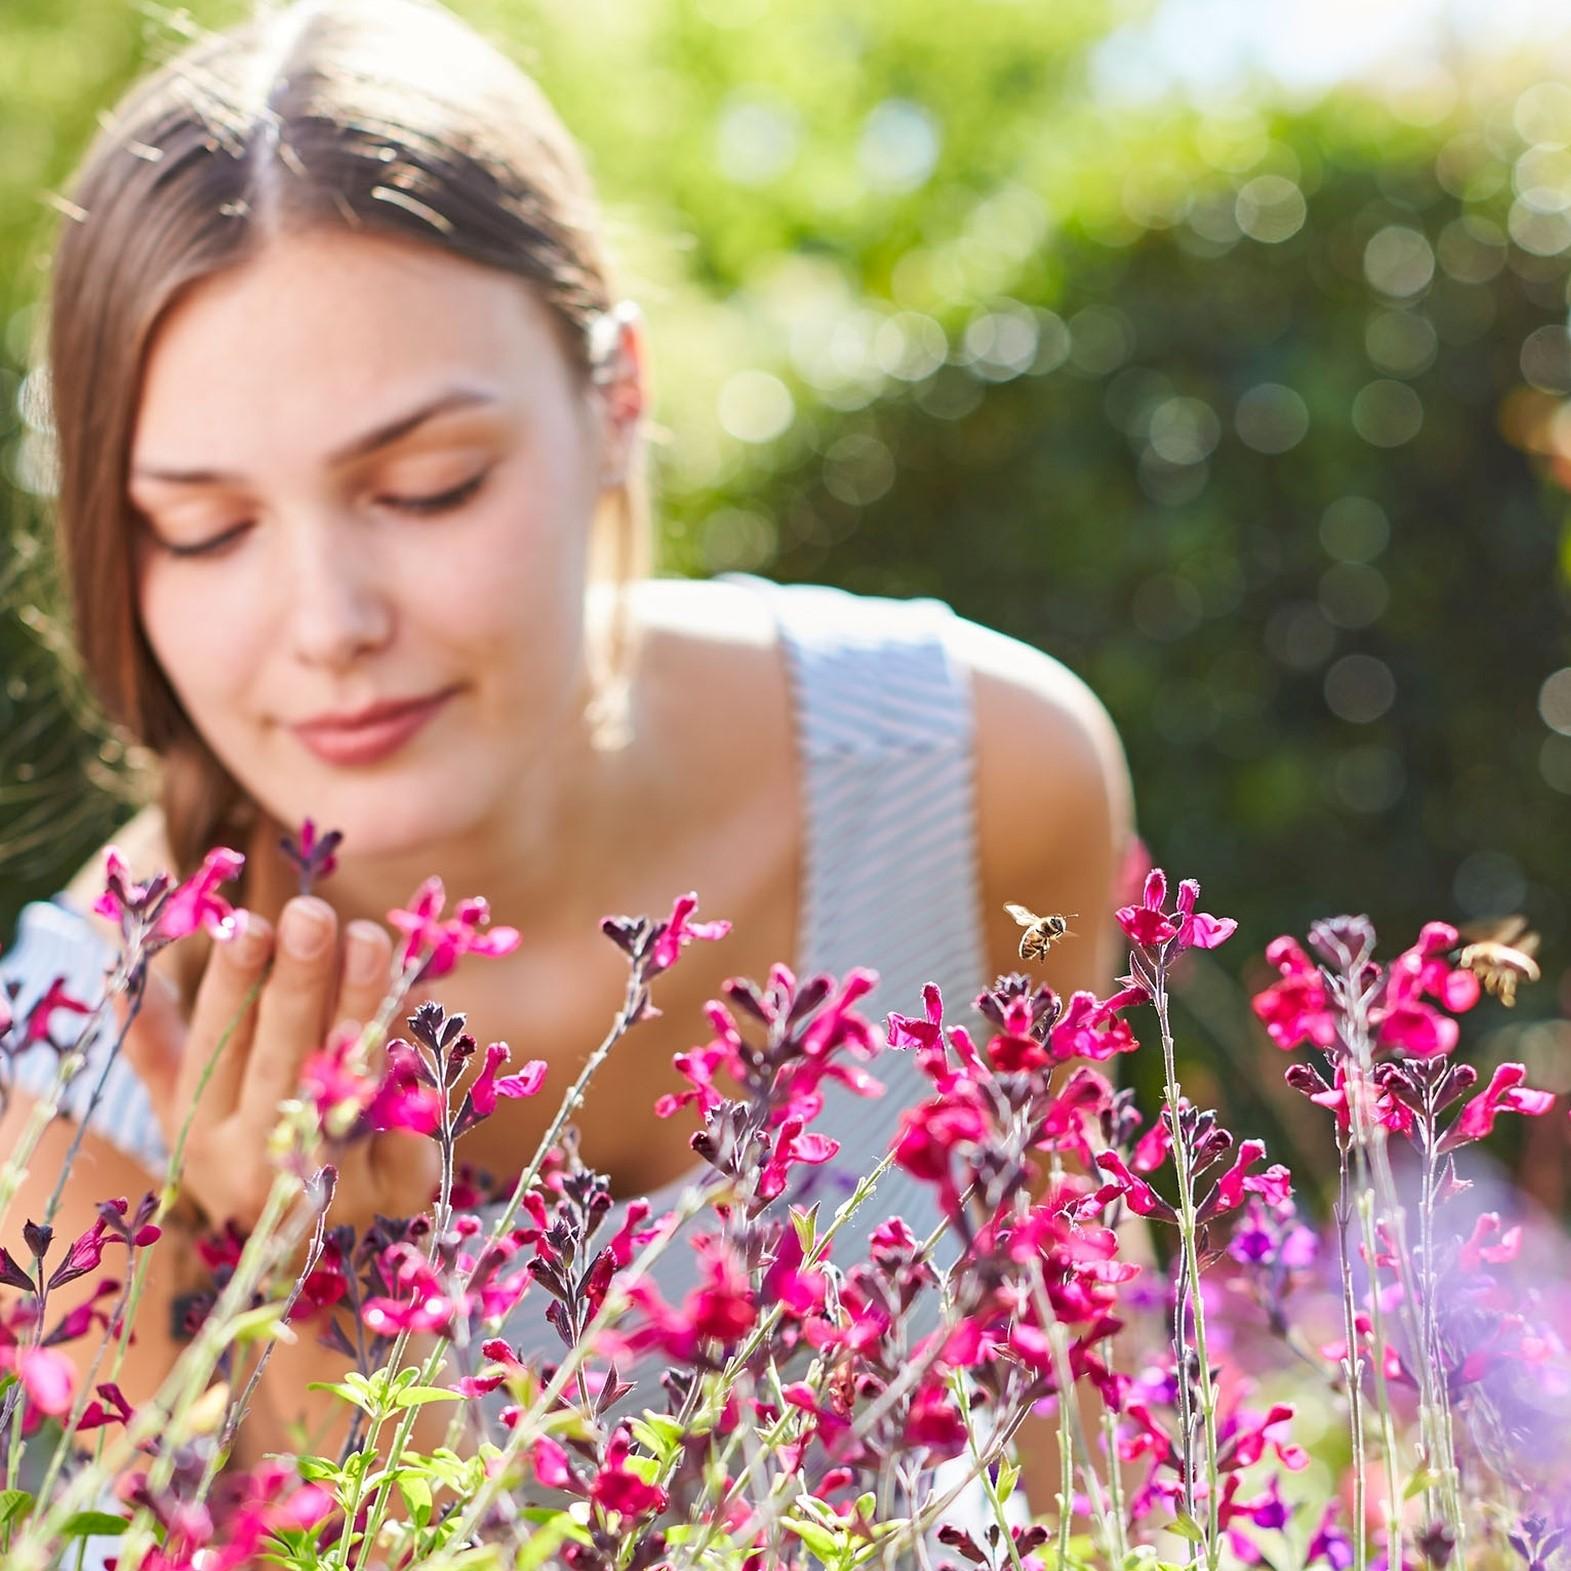 Ein Genuss, der gerade jetzt so wichtig ist: Beet- und Balkonpflanzen bringen mit ihren leuchtenden Farben Freude in die Welt – und versorgen Insekten mit lebenswichtigem Nektar und Pollen.